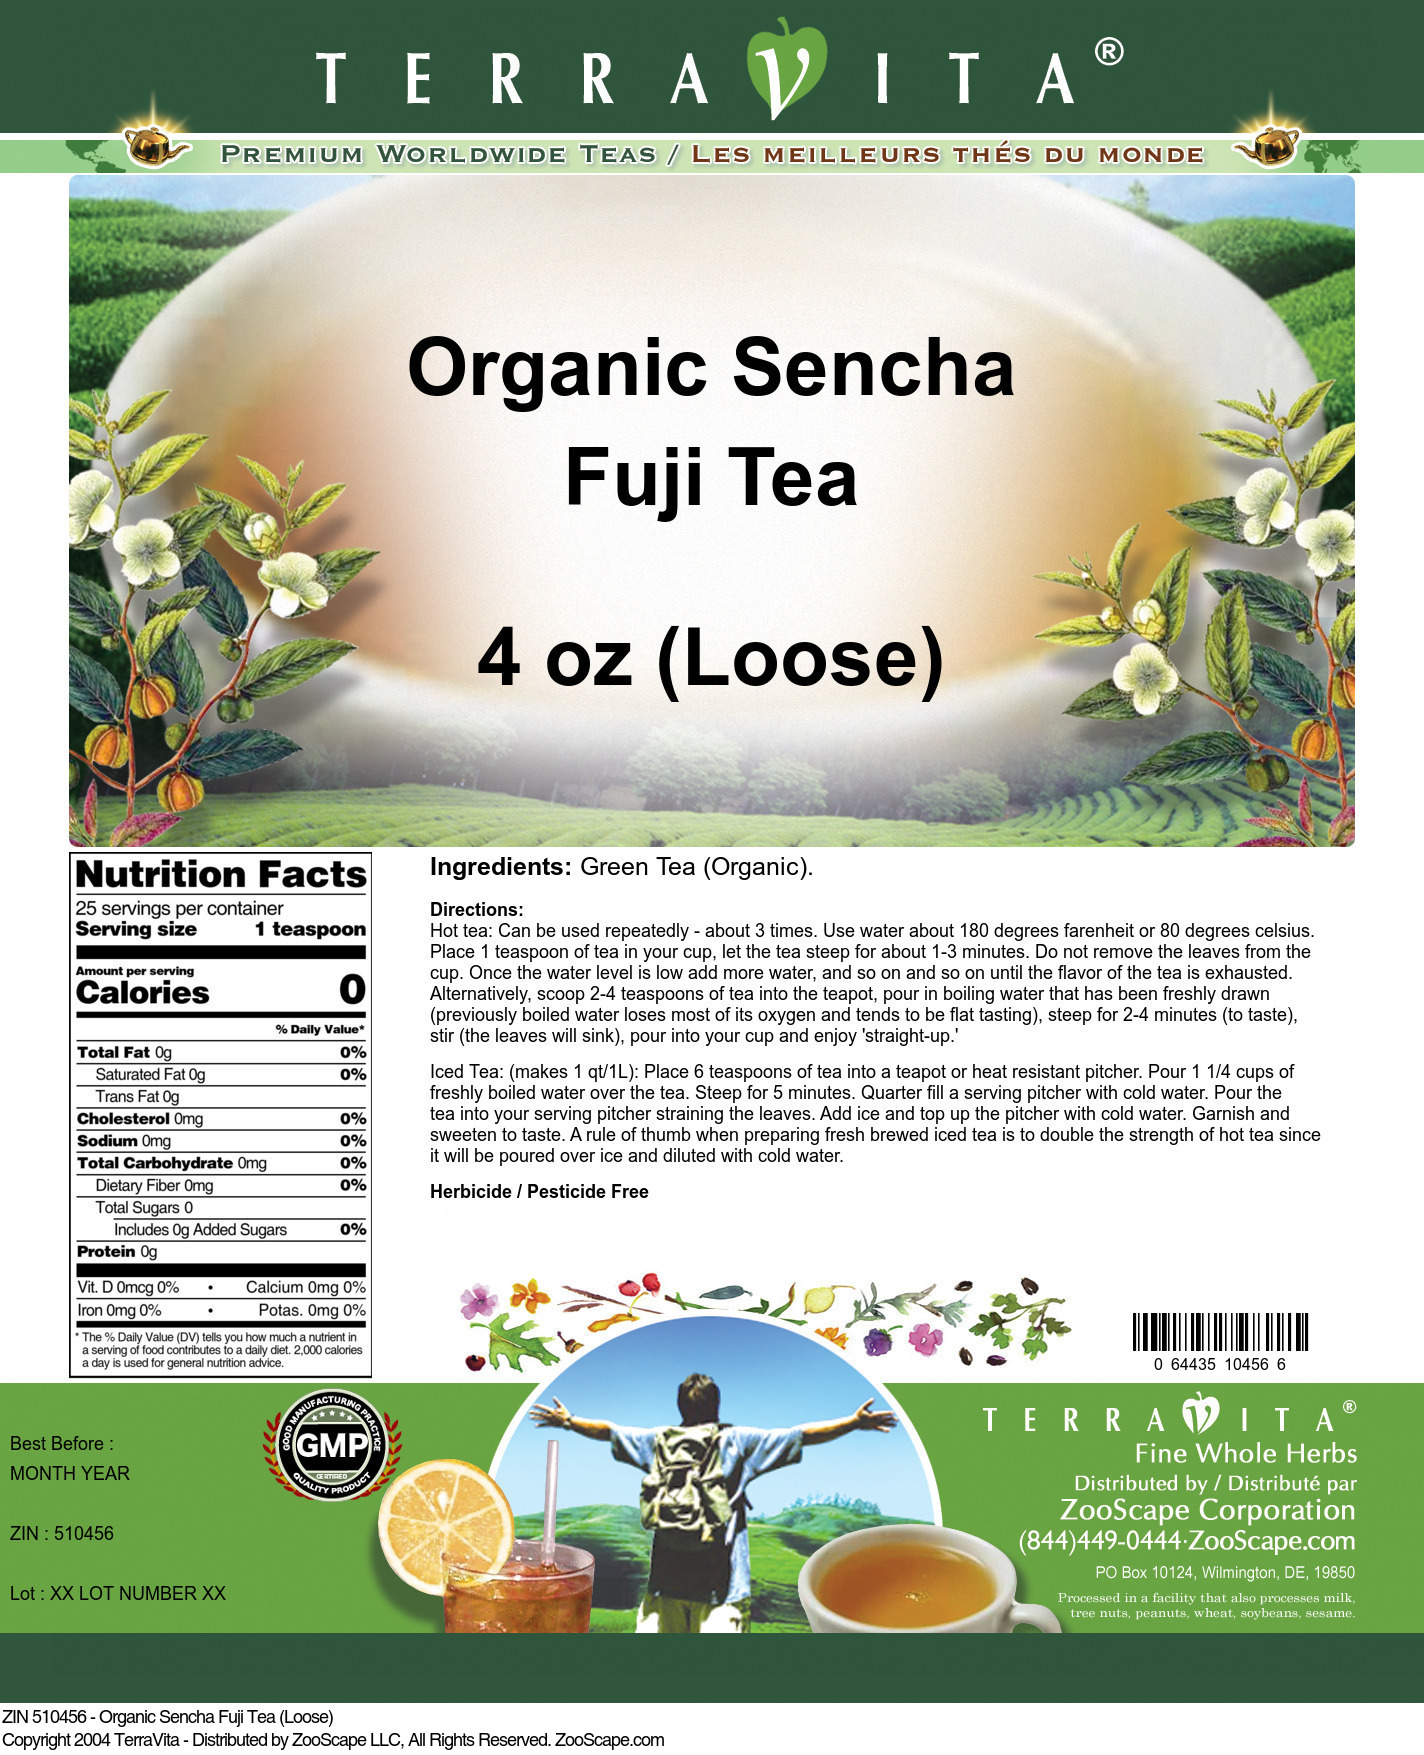 Organic Sencha Fuji